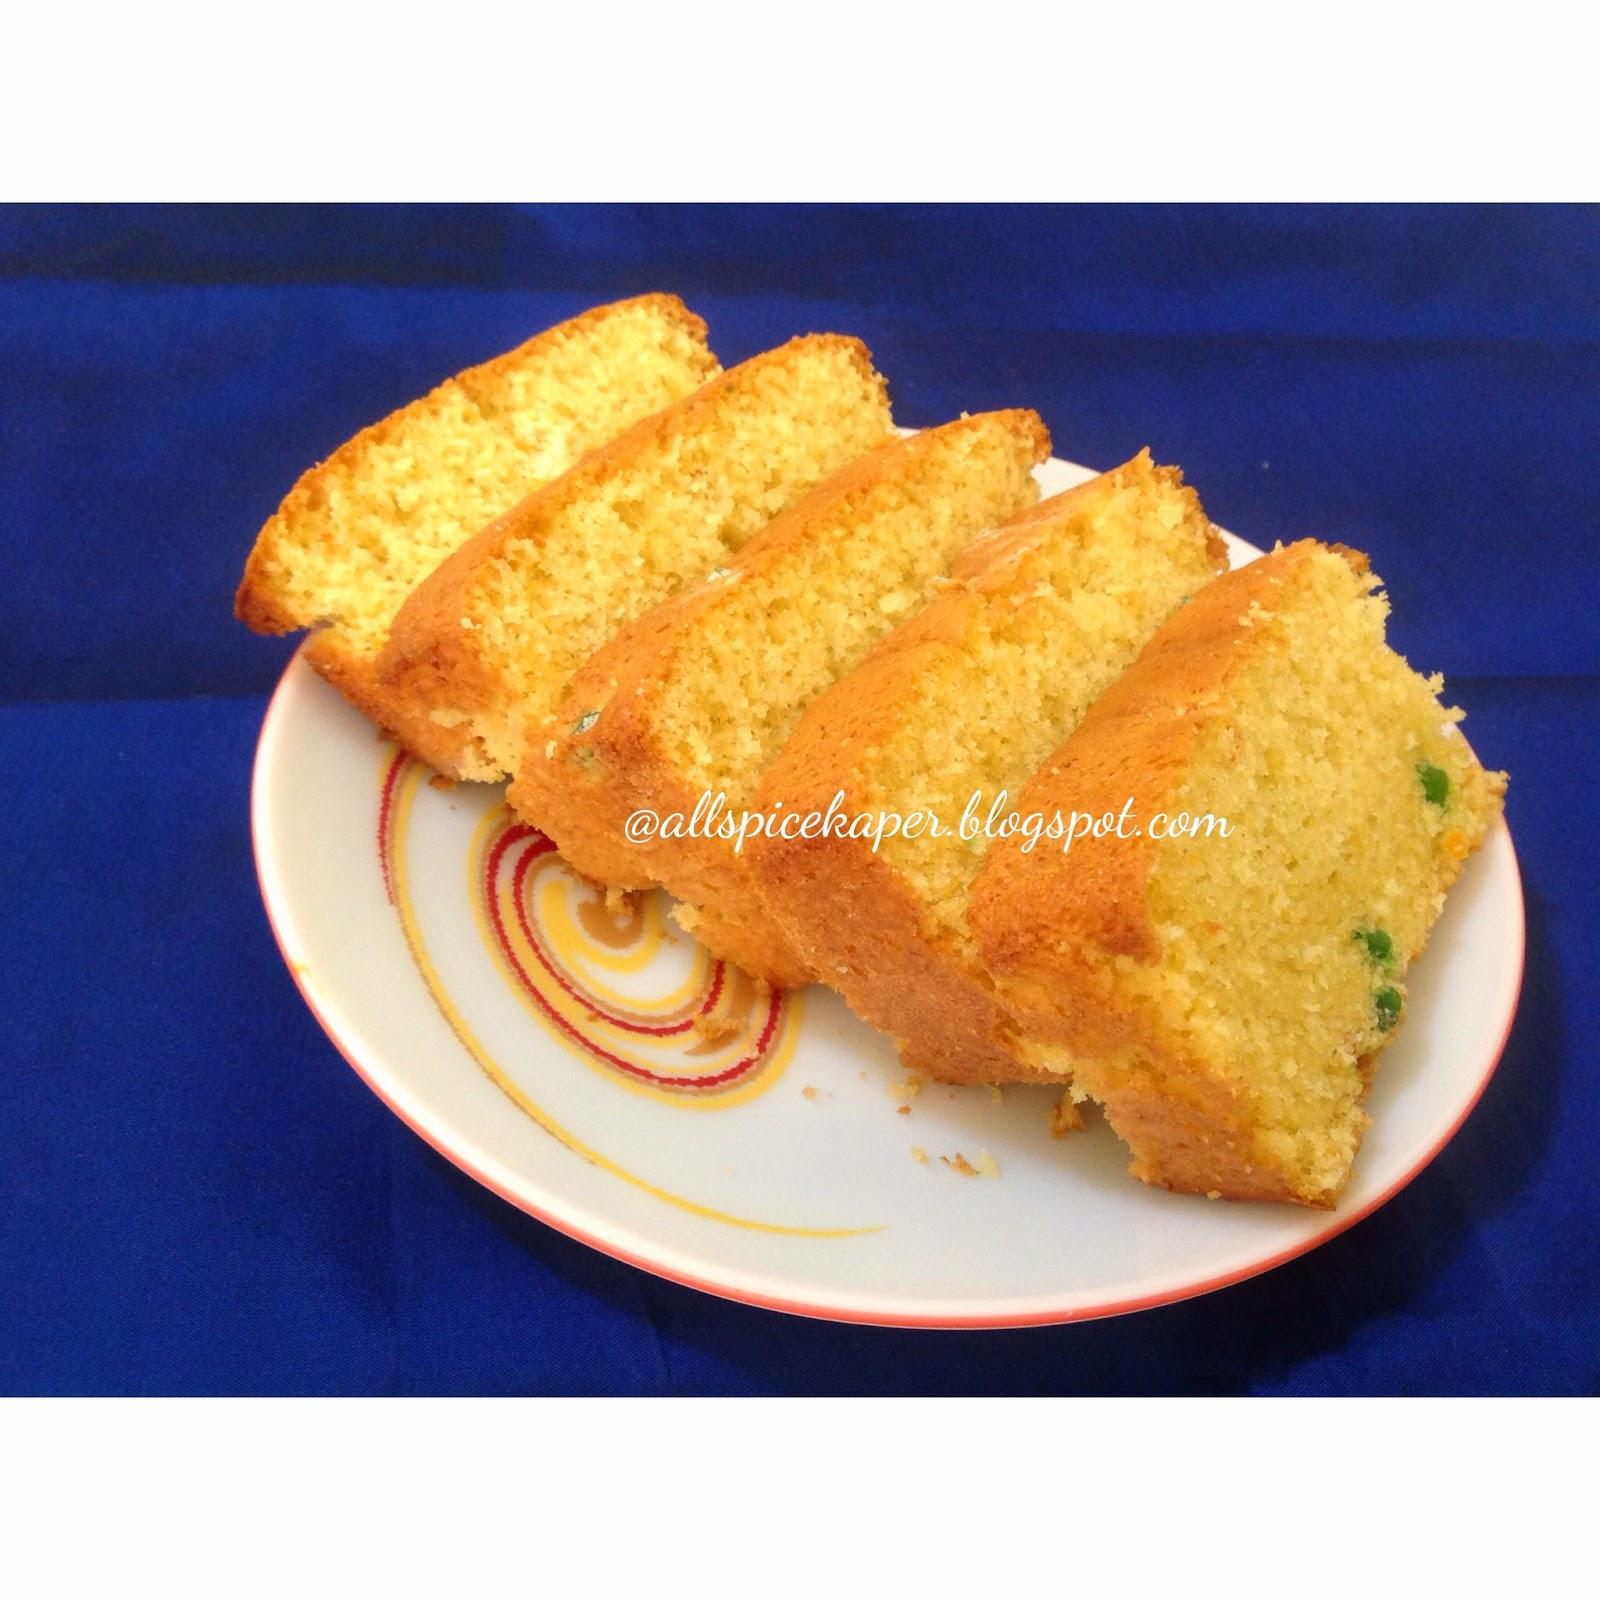 Allspice: Bolo De Fuba-A Brazilian Cornmeal Cake